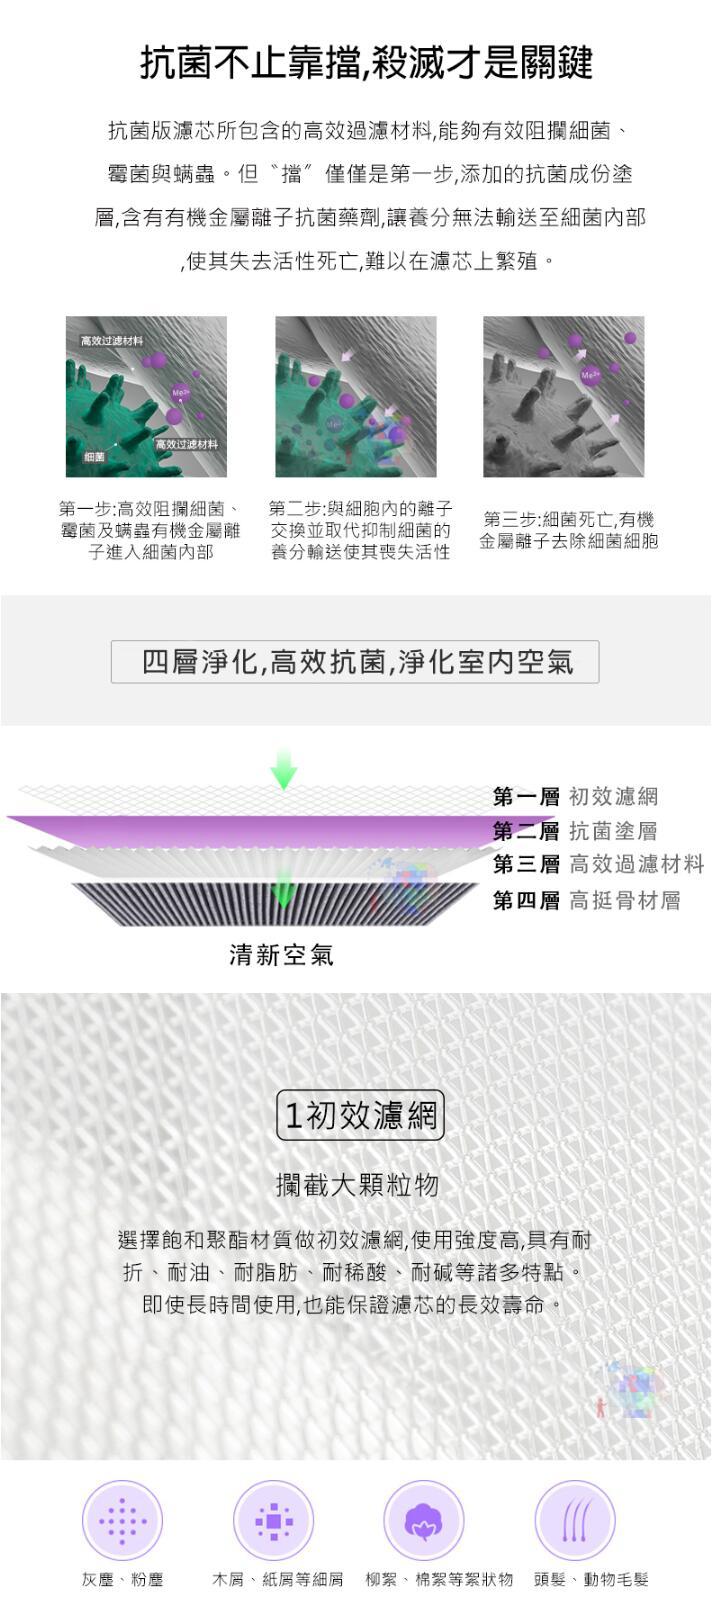 【尋寶趣】外圈-抗菌版 適用小米空氣淨化器濾芯 高效過濾 除PM2.5 除霉菌 濾網耗材 Top-136-O-At 2